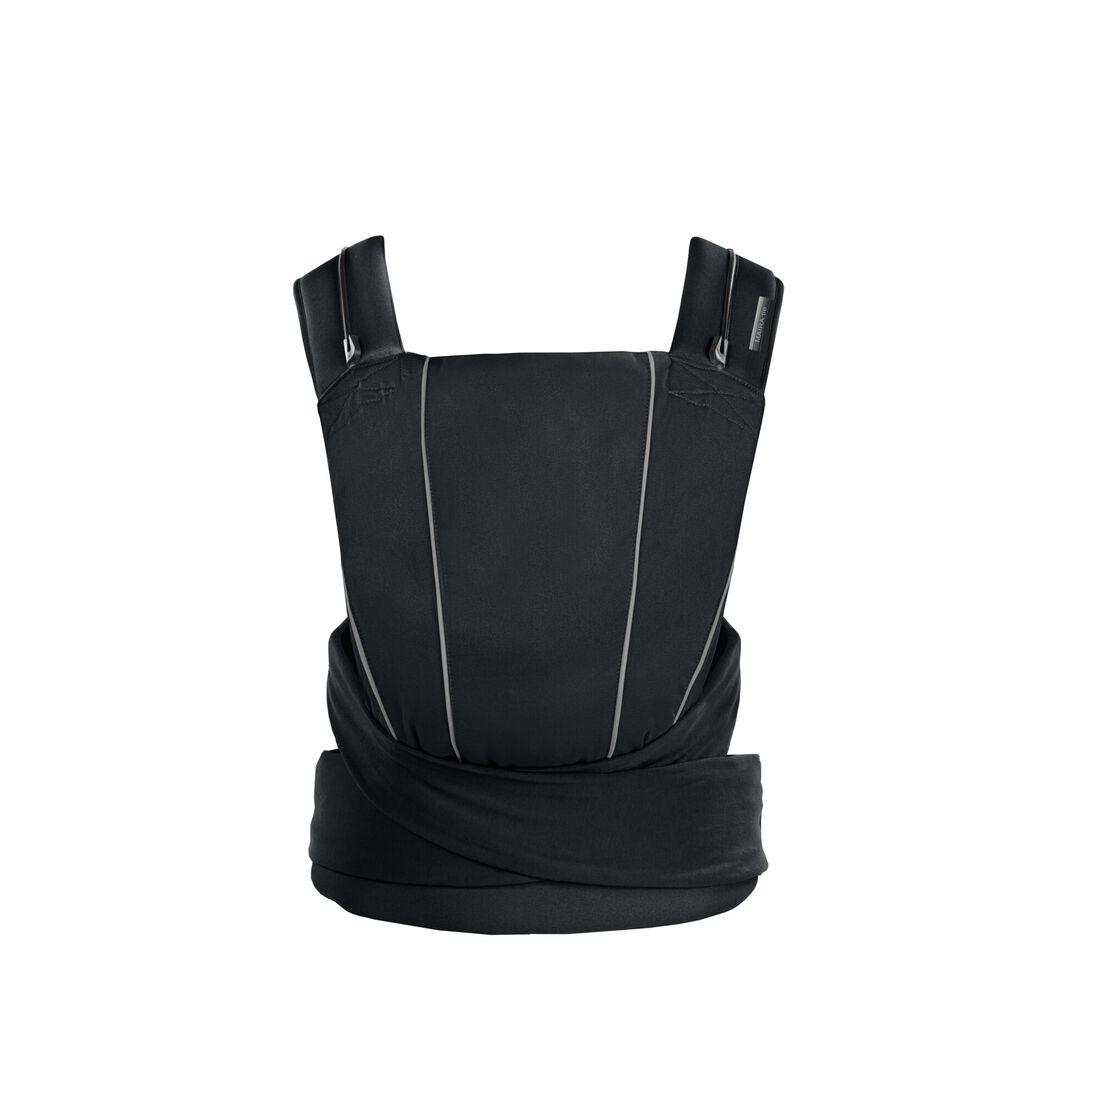 CYBEX Maira Tie - Lavastone Black in Lavastone Black large image number 1